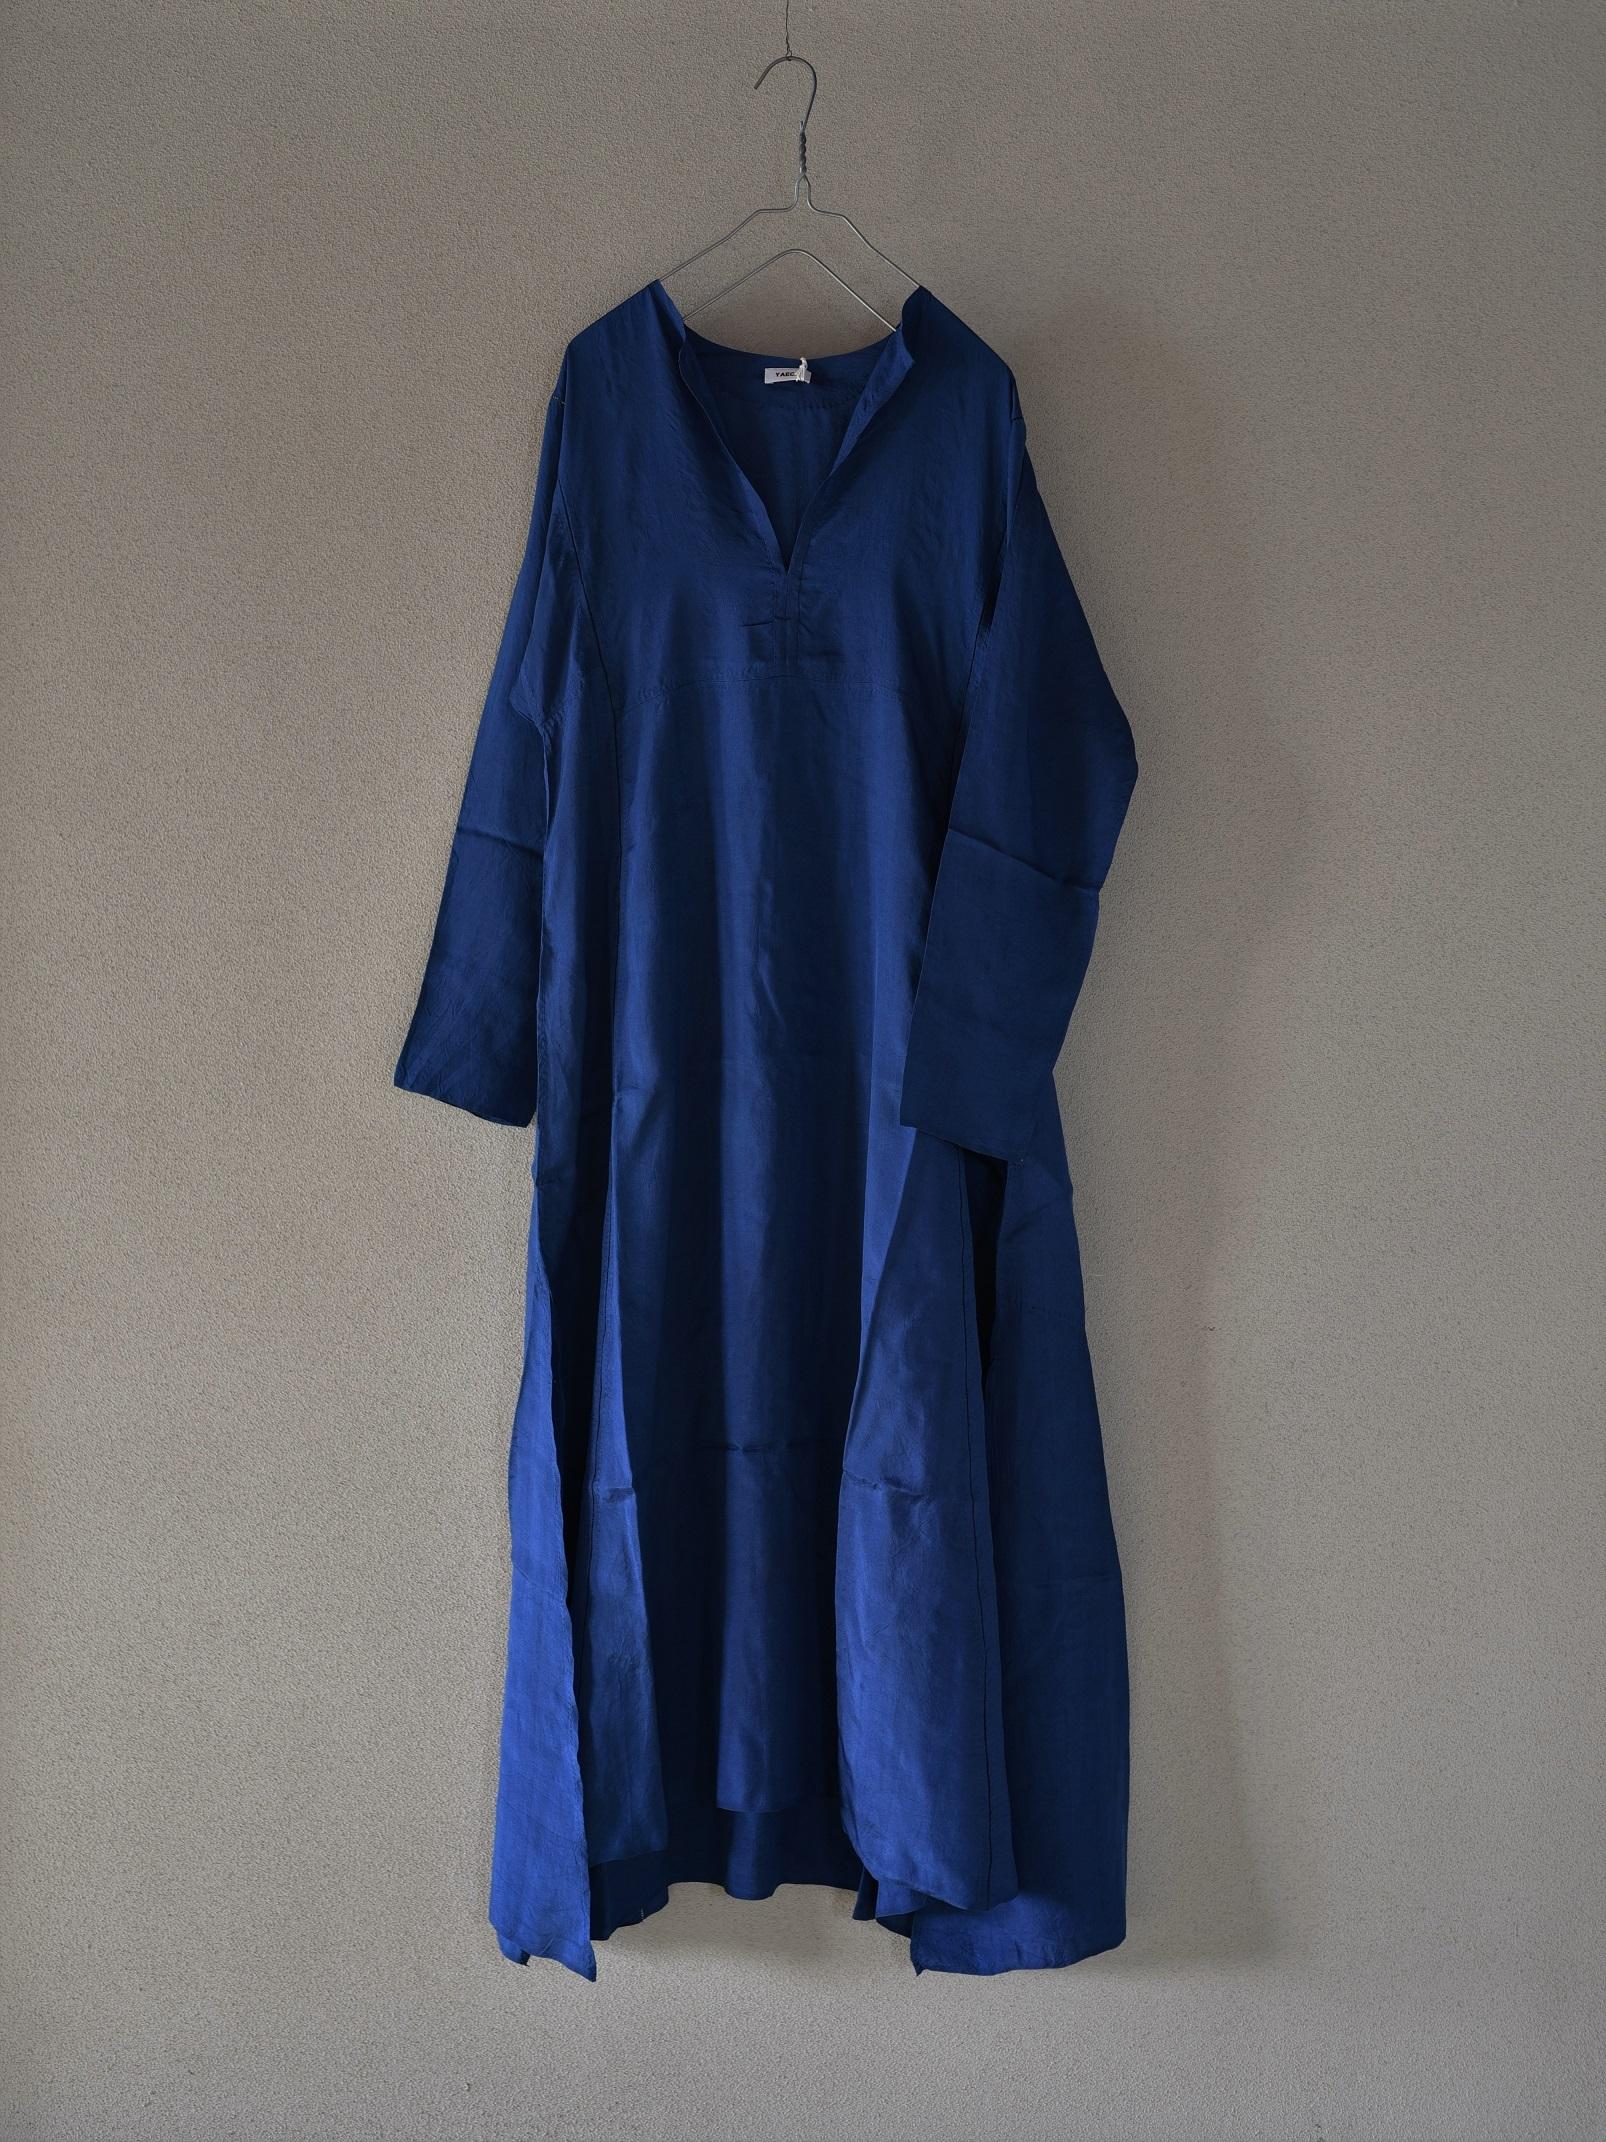 YAECA silk khadi  ラダーステッチドレス 徳島藍